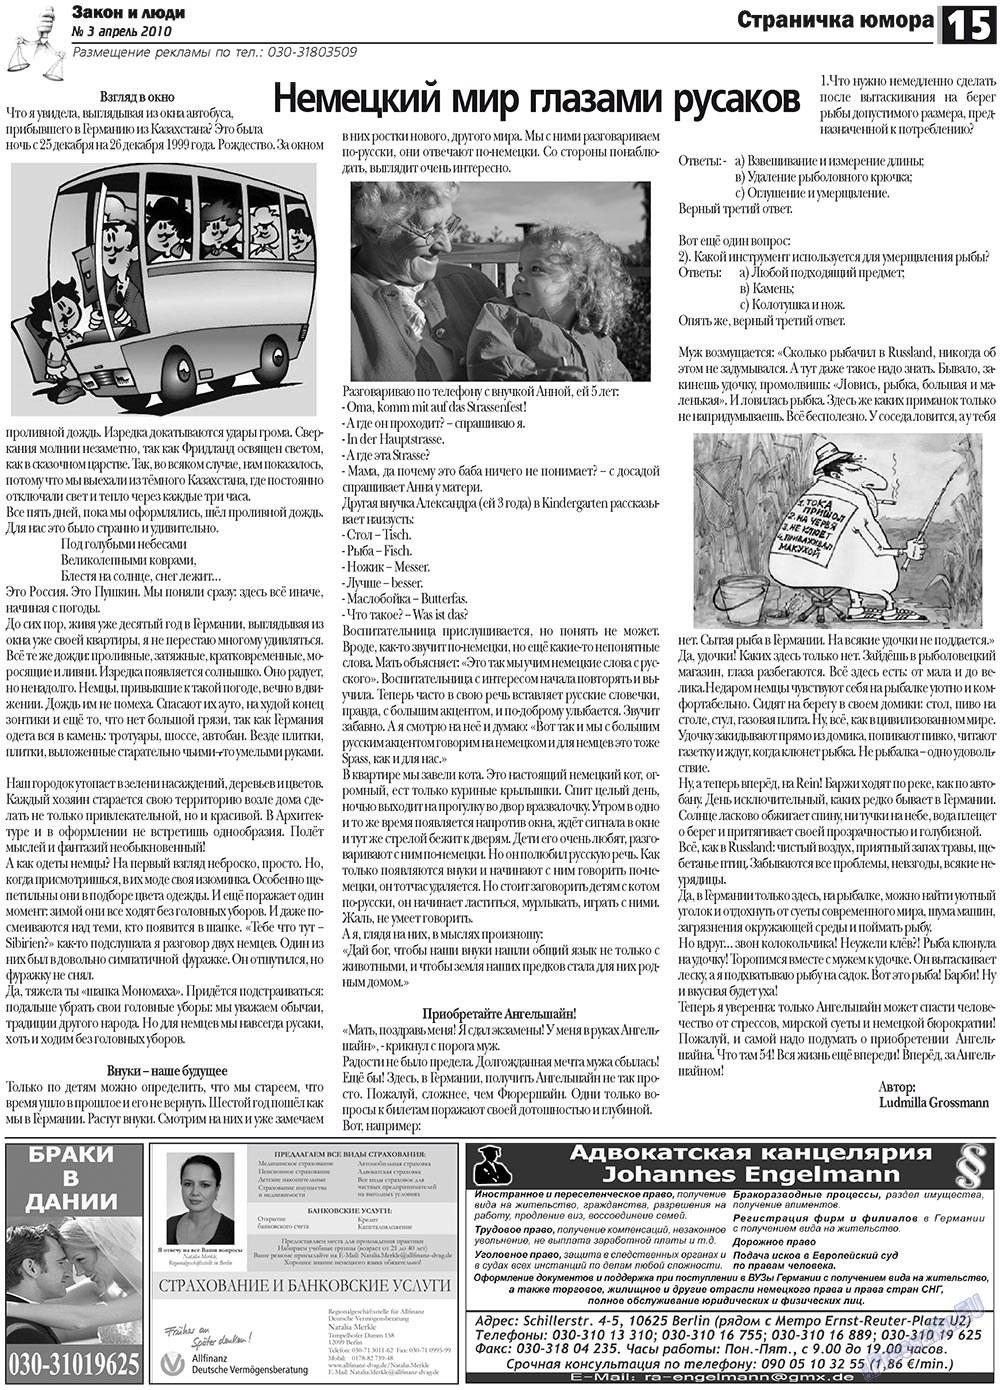 Закон и люди (газета). 2010 год, номер 3, стр. 15